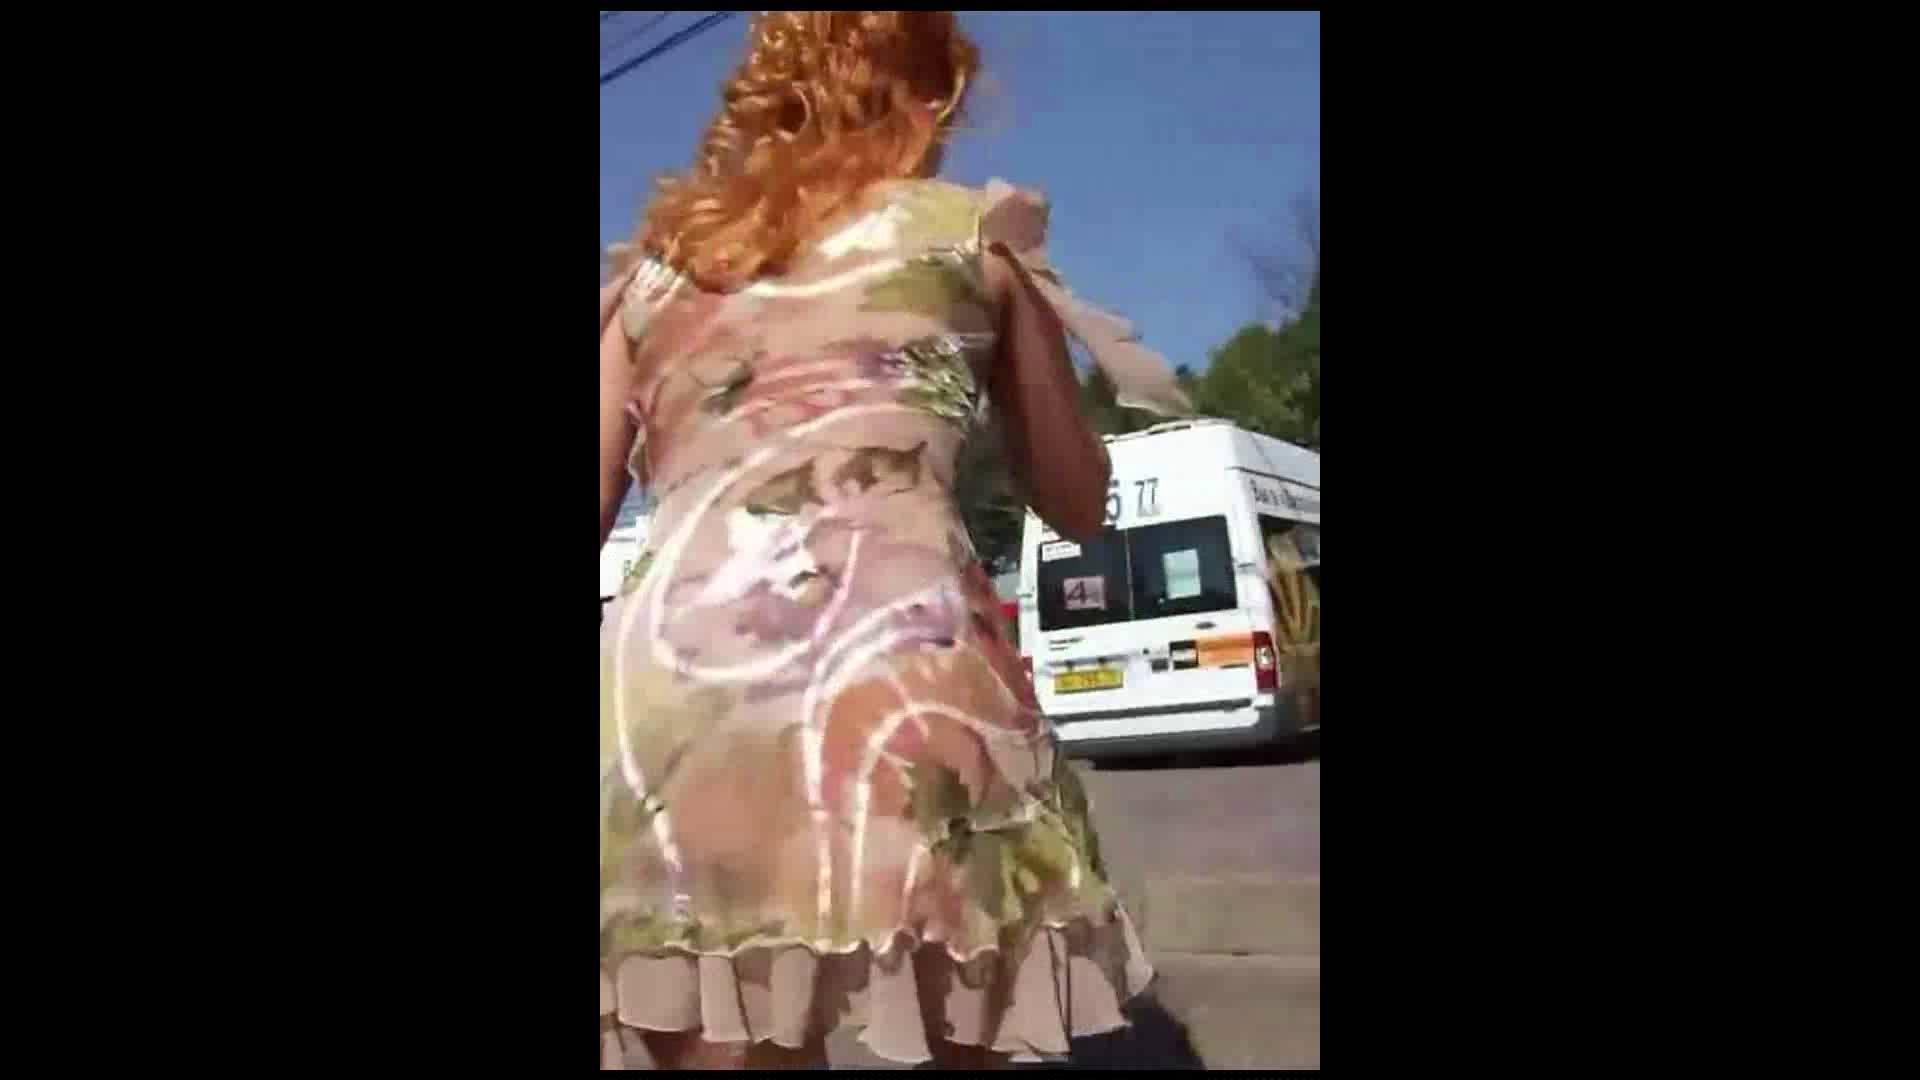 綺麗なモデルさんのスカート捲っちゃおう‼vol03 そそるぜモデル | いやらしいOL  41連発 25